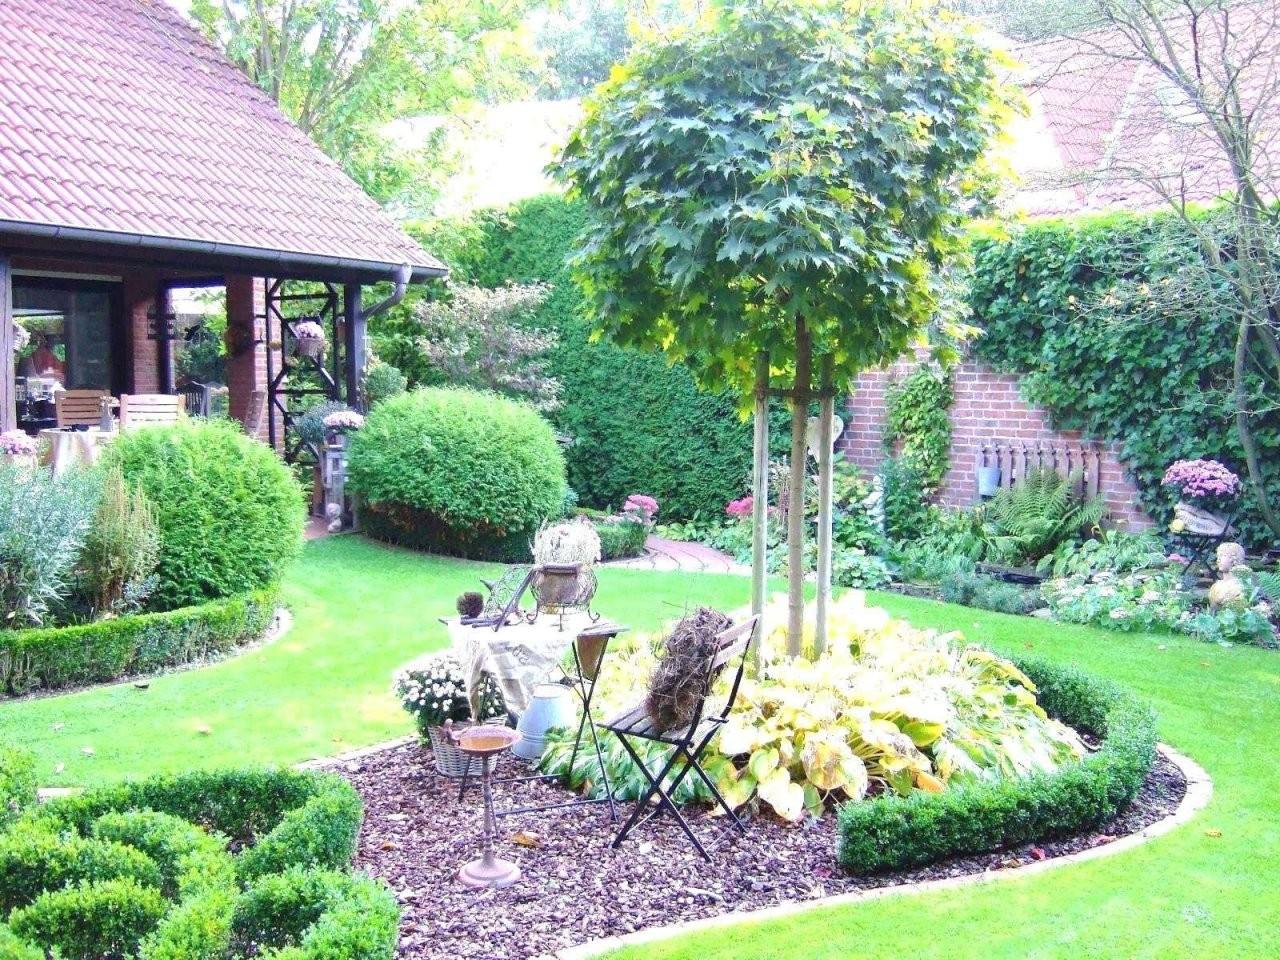 40 Inspirierend Garten Gestalten Mit Pflanzsteinen Design Von 20 Qm von Garten Gestalten Mit Pflanzsteinen Bild